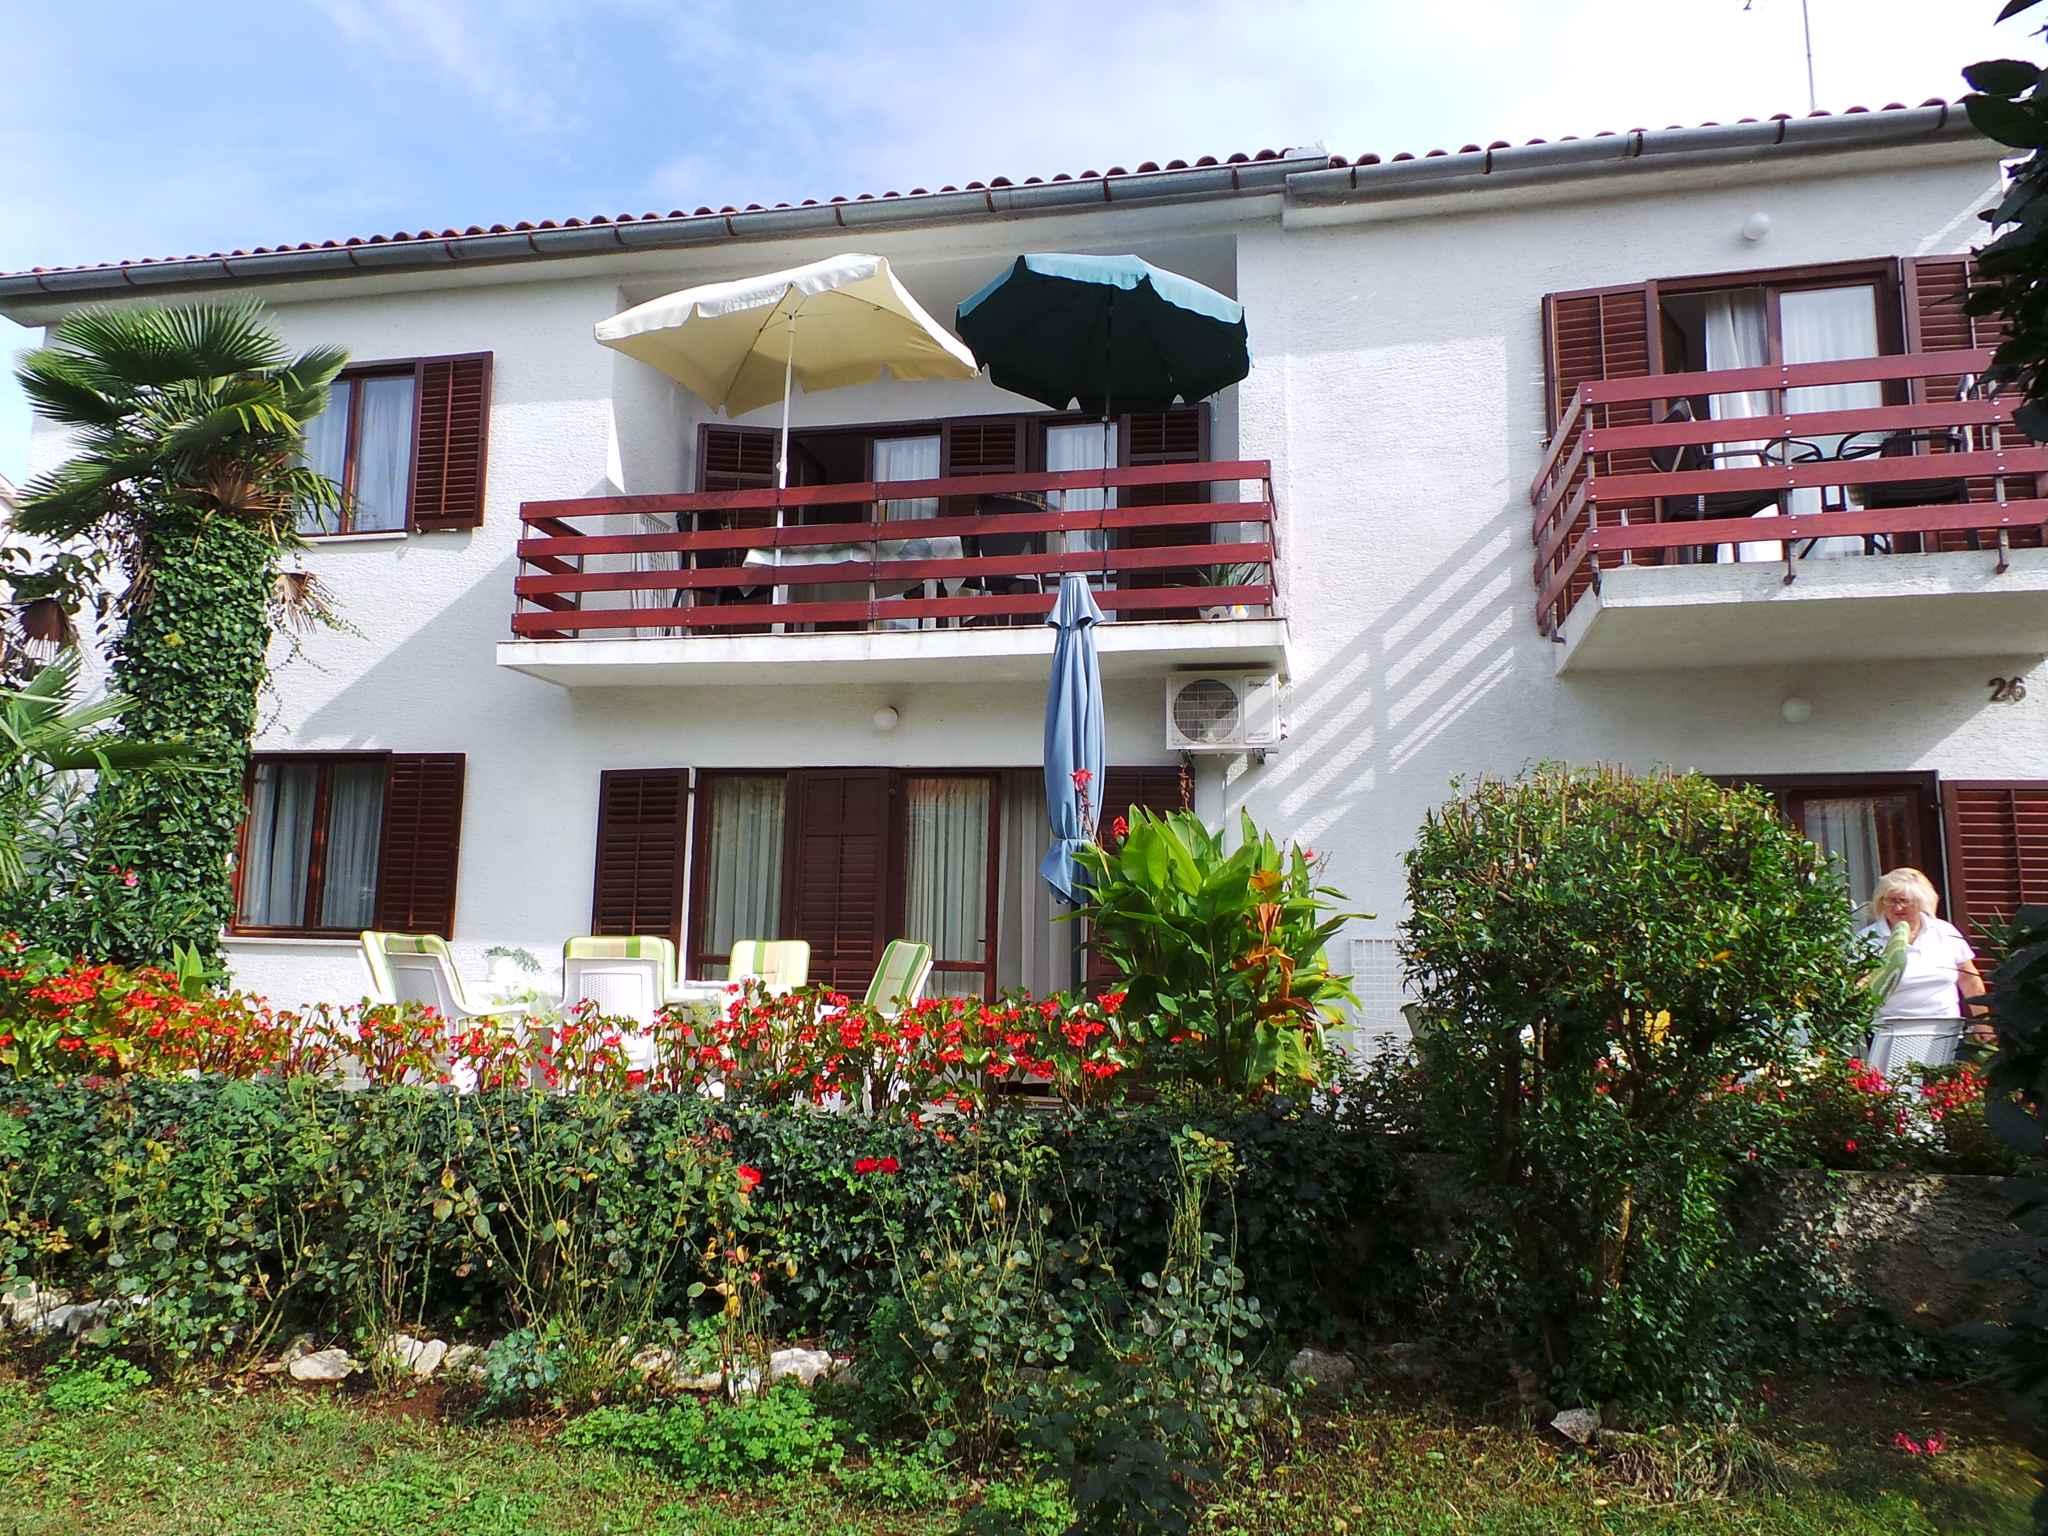 Ferienwohnung s balkonom (280342), Porec, , Istrien, Kroatien, Bild 3